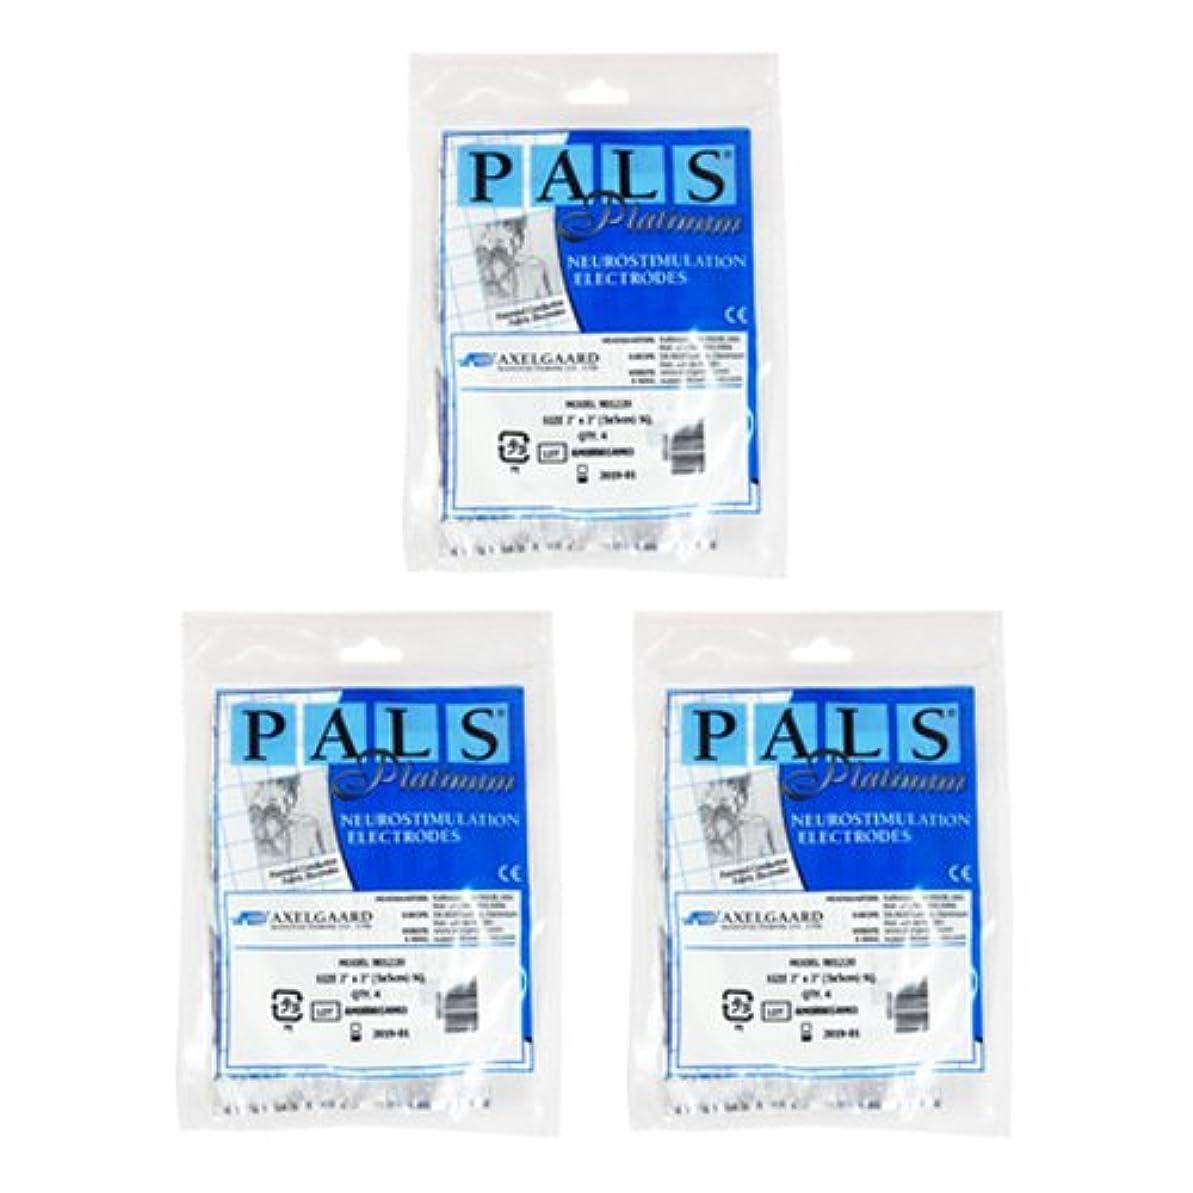 適度な飲み込む要塞敏感肌用アクセルガード ブルー Mサイズ × 3セット 【EMS用粘着パッド】